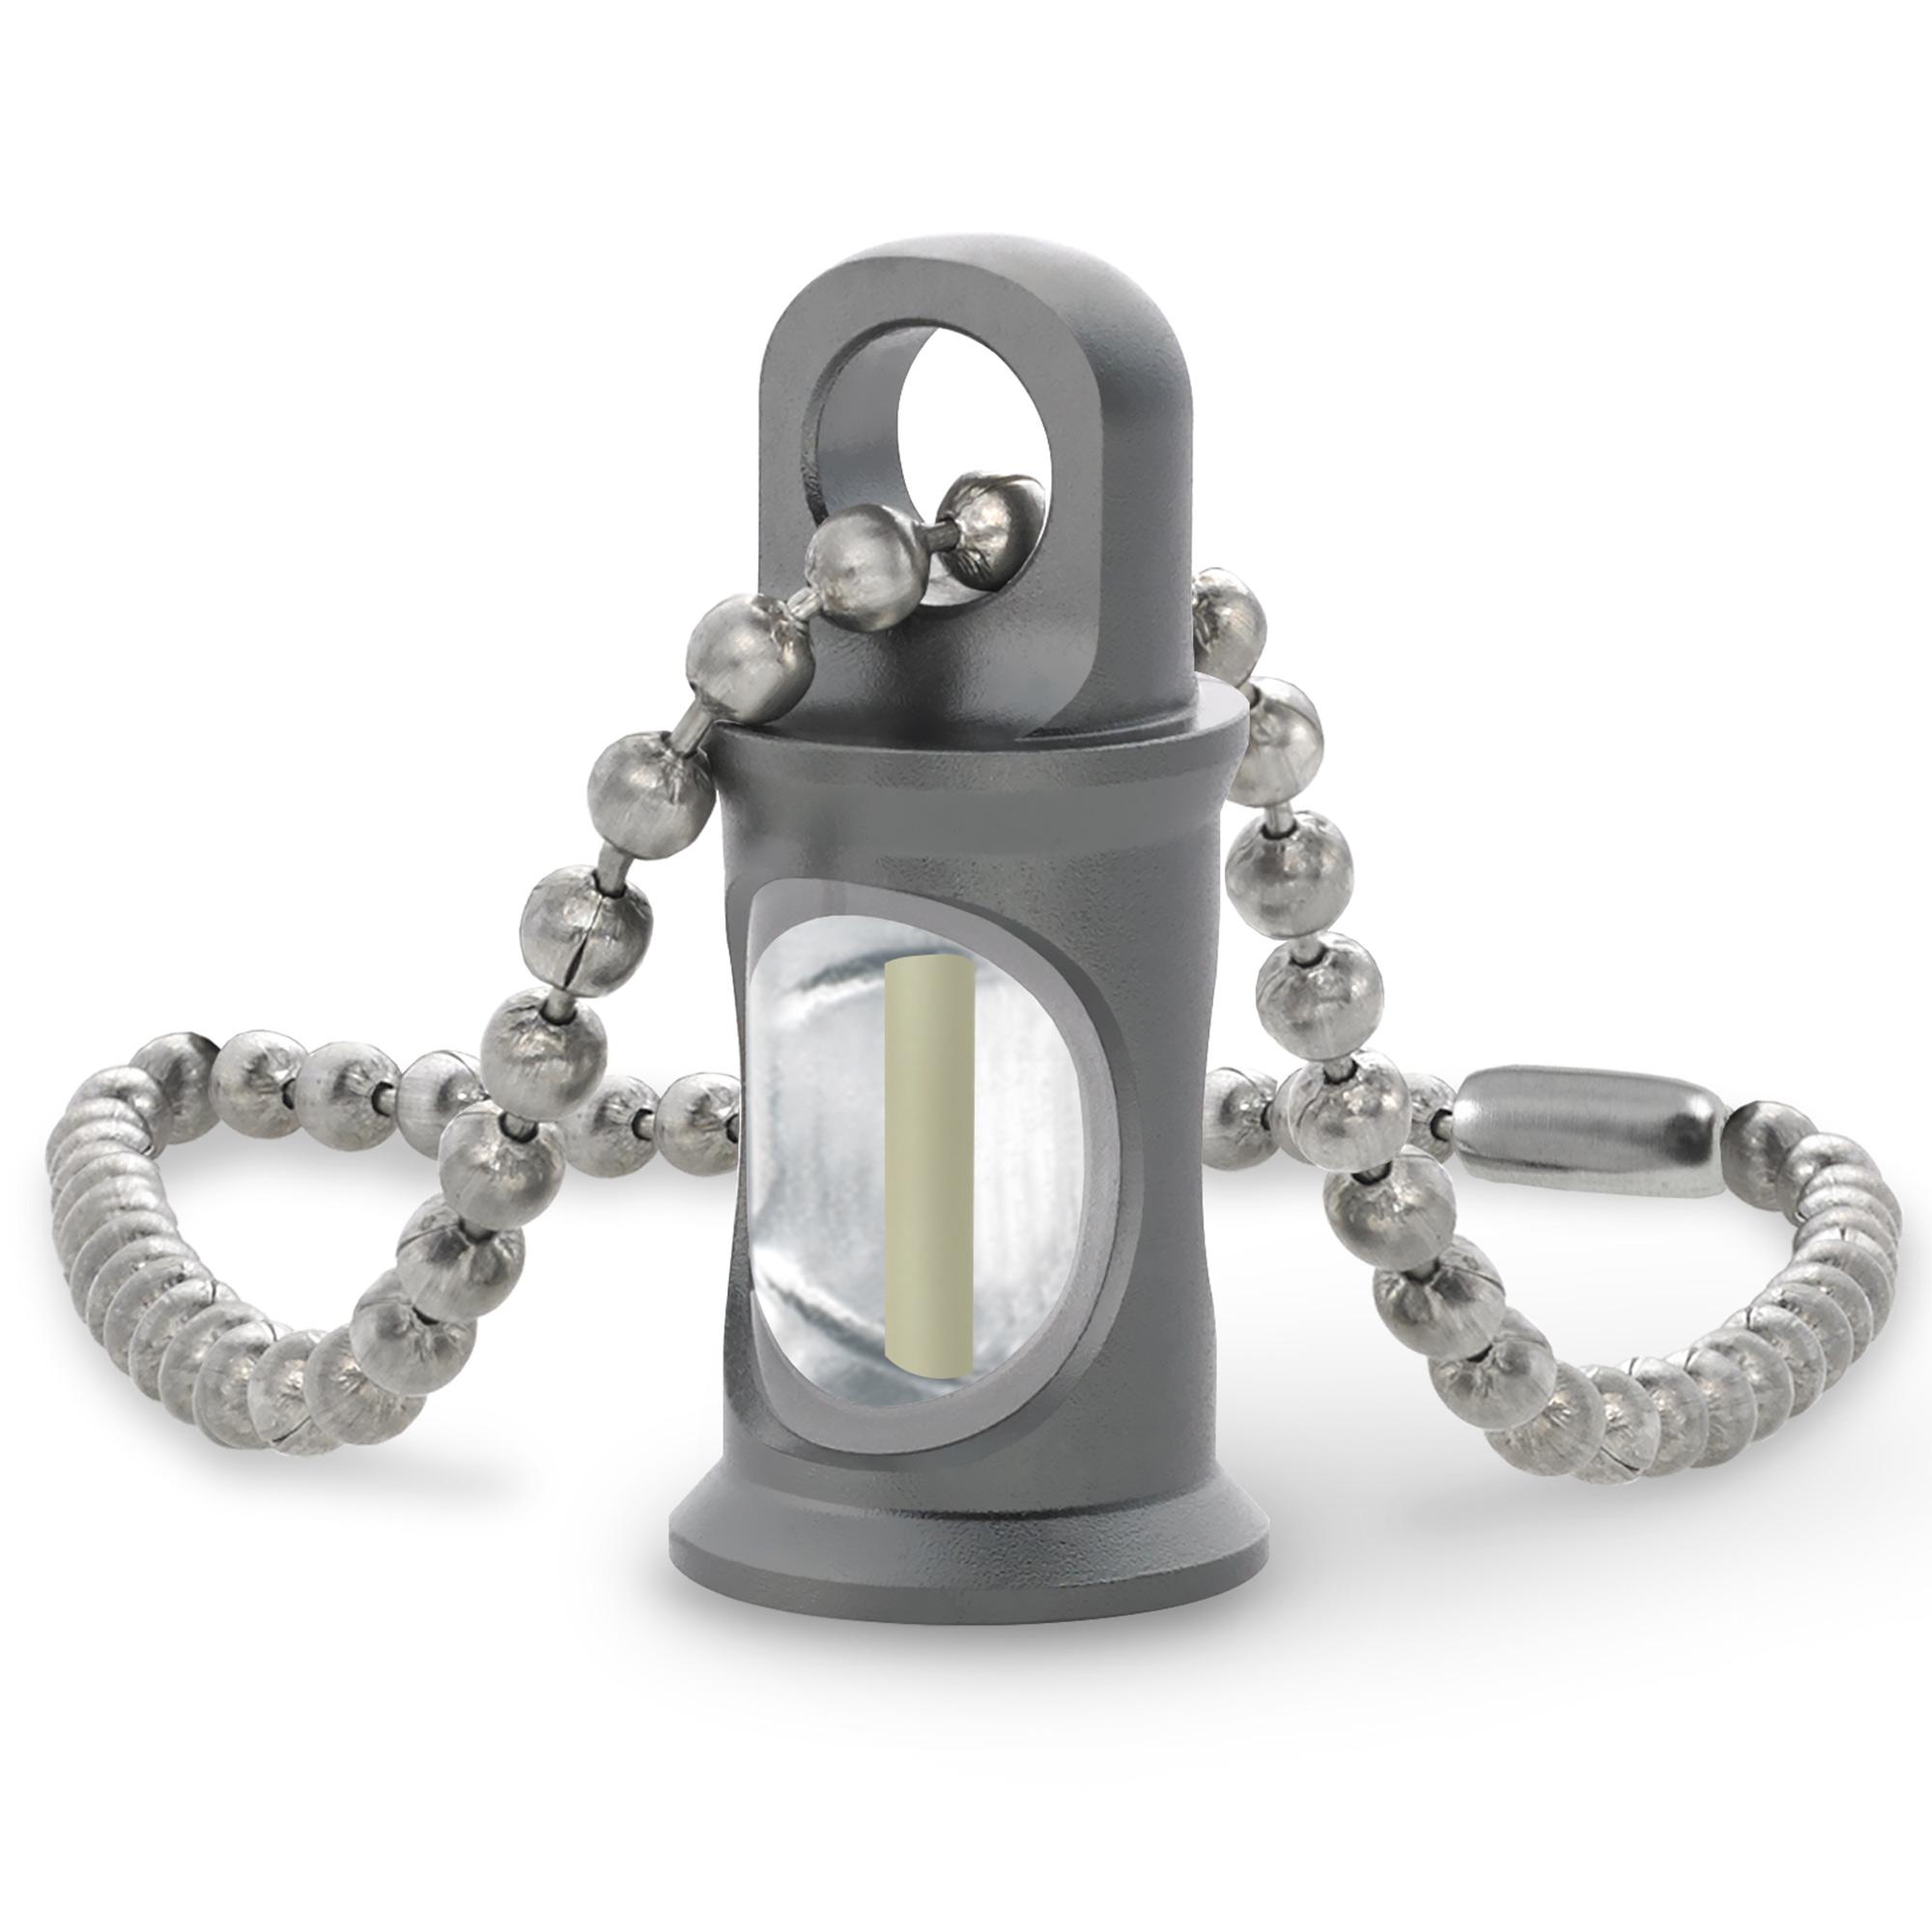 KHS Anhänger Trigatag mit Schlüsselkette grau